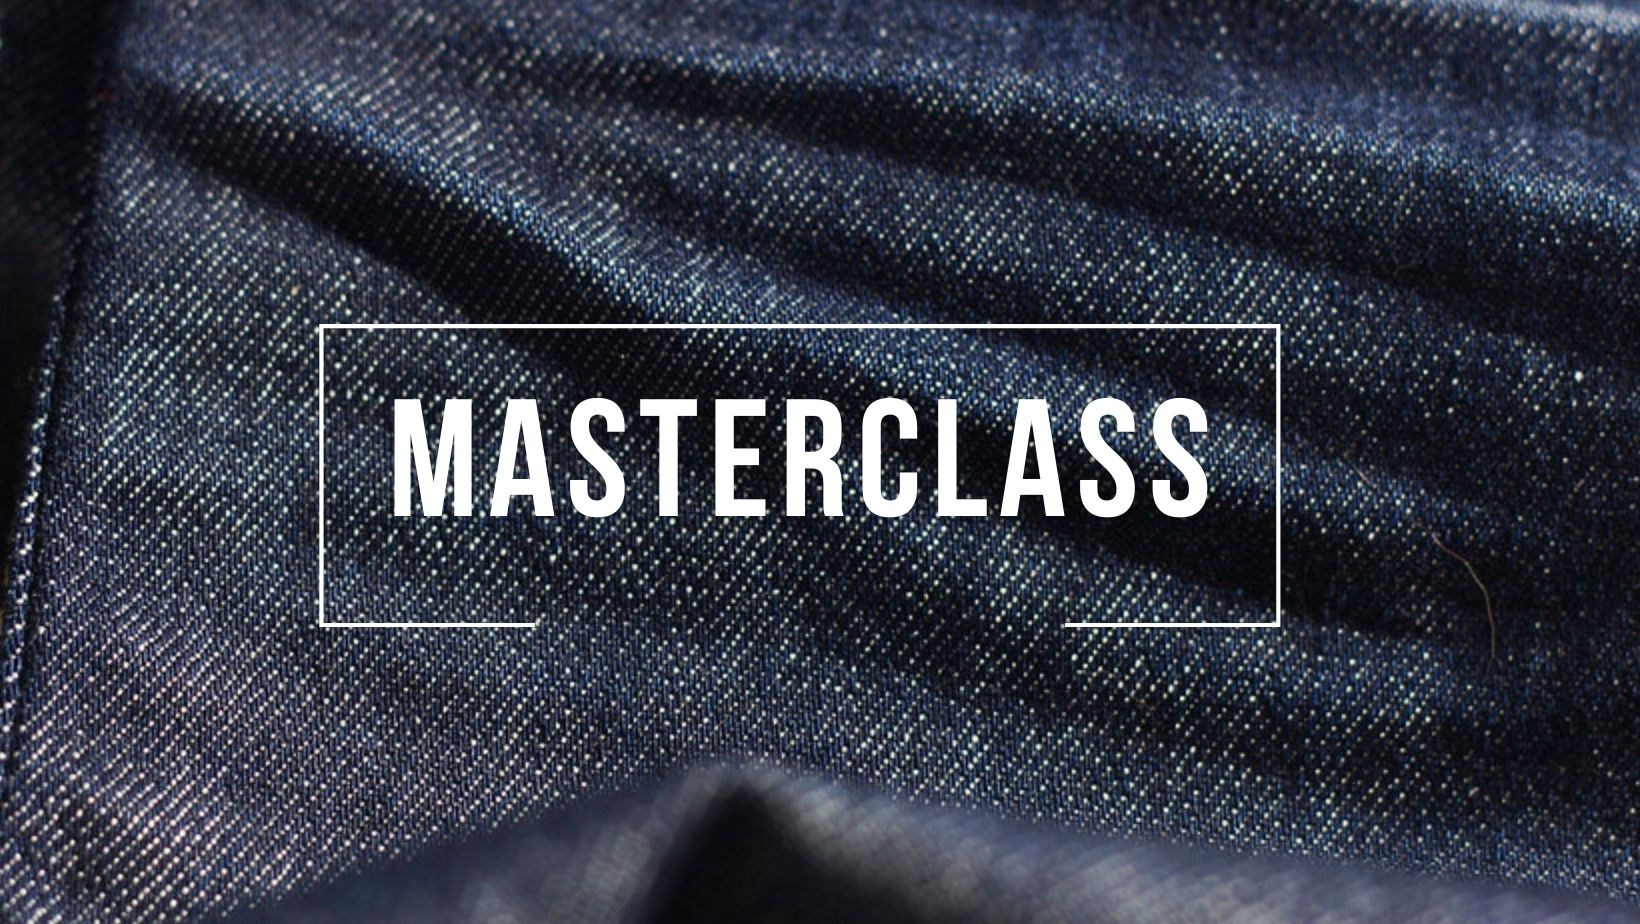 Advanced Textiles' Masterclass